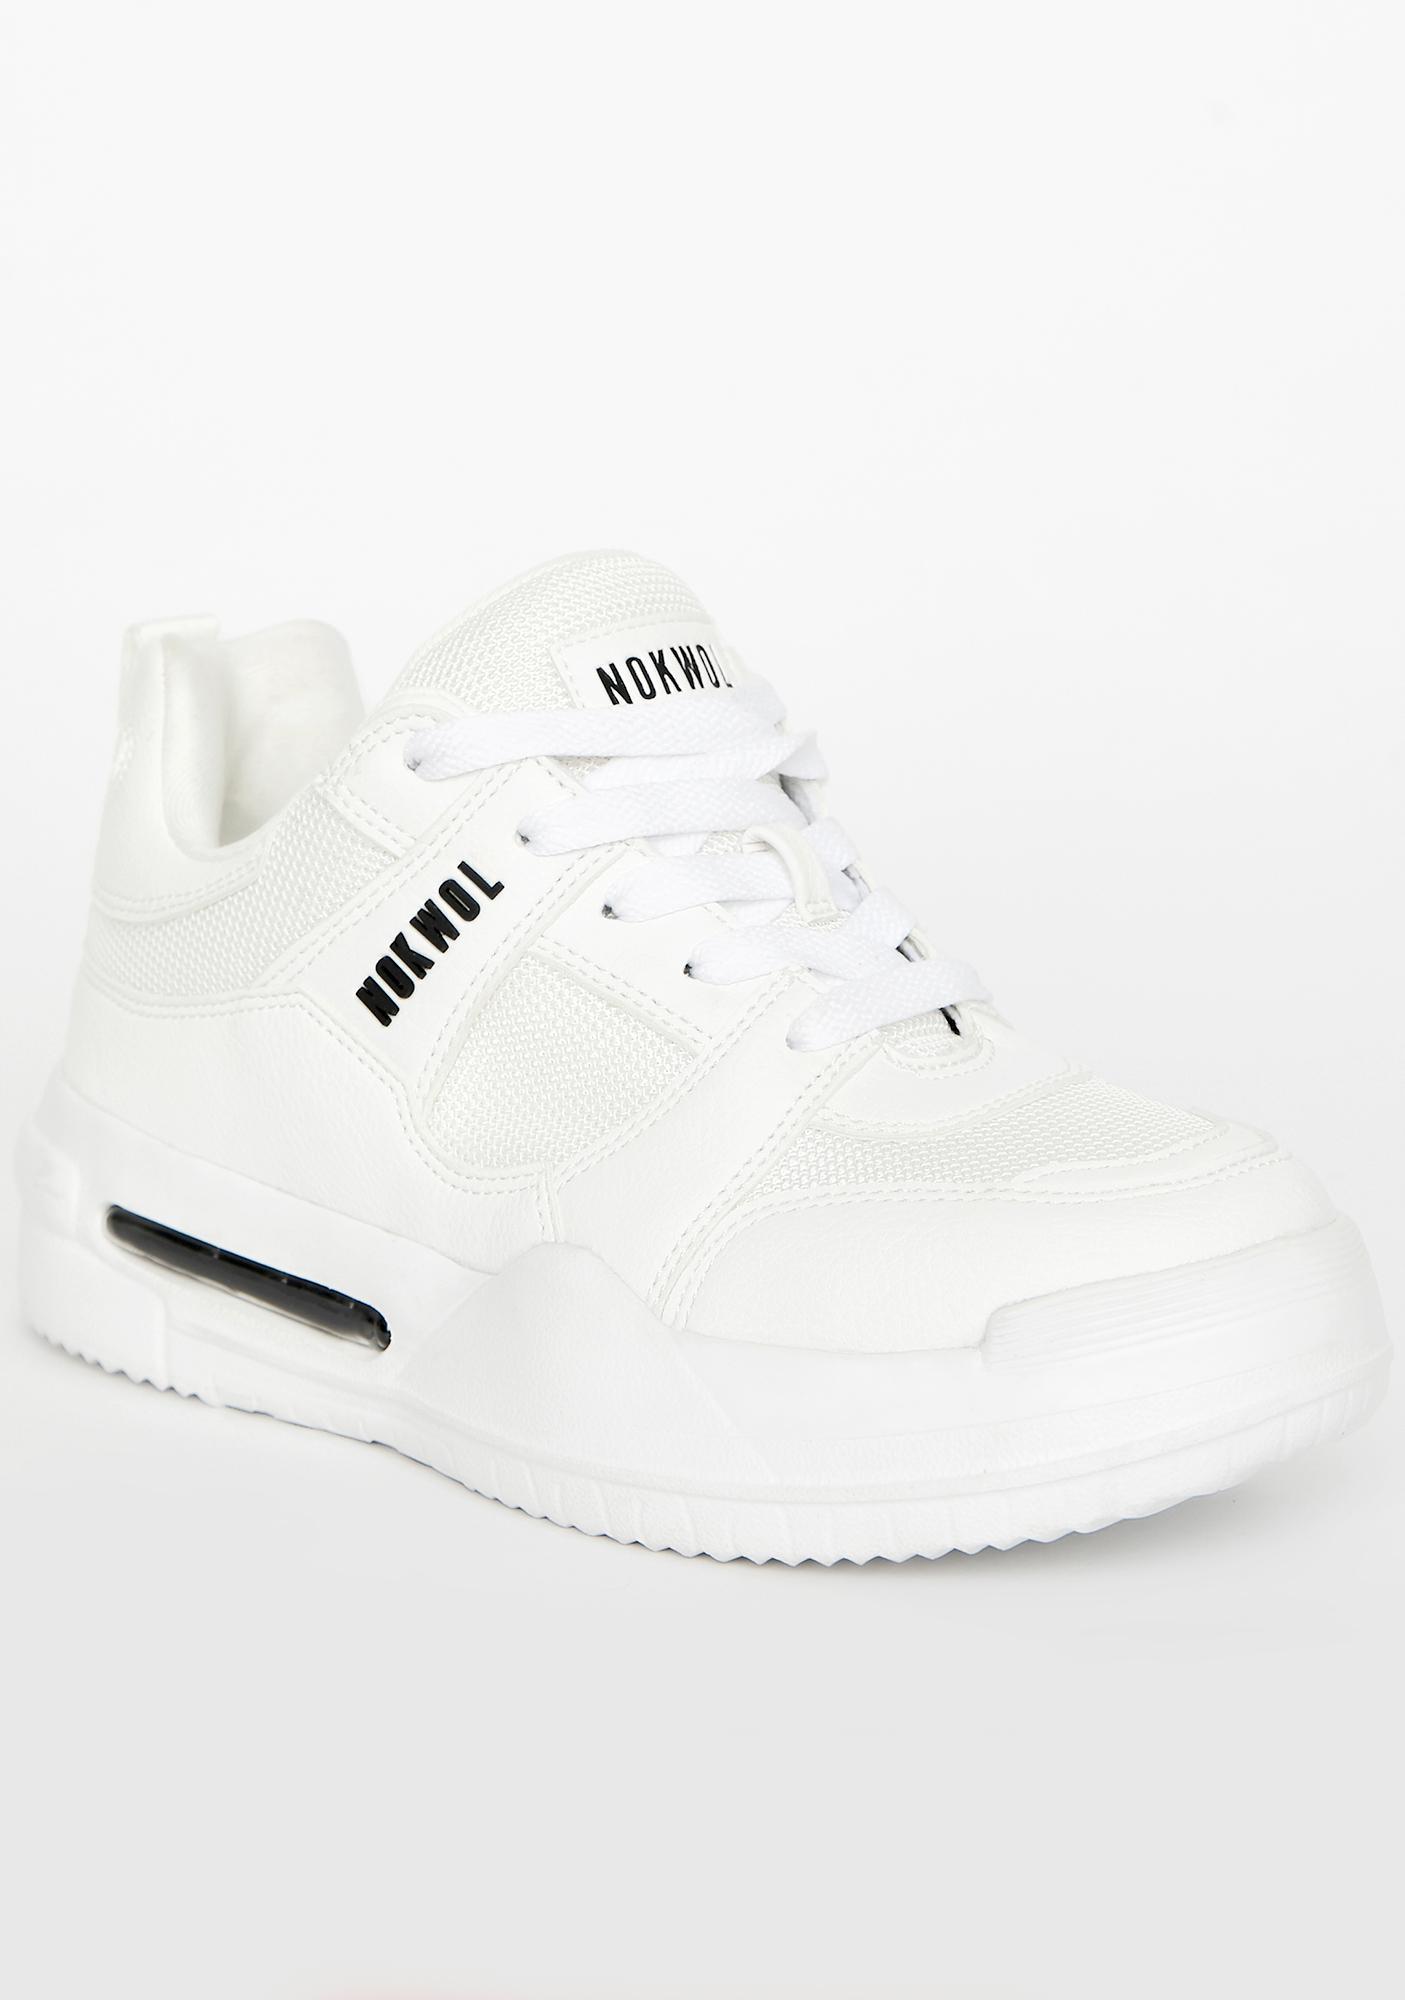 NOKWOL Grind Mesh Sneakers